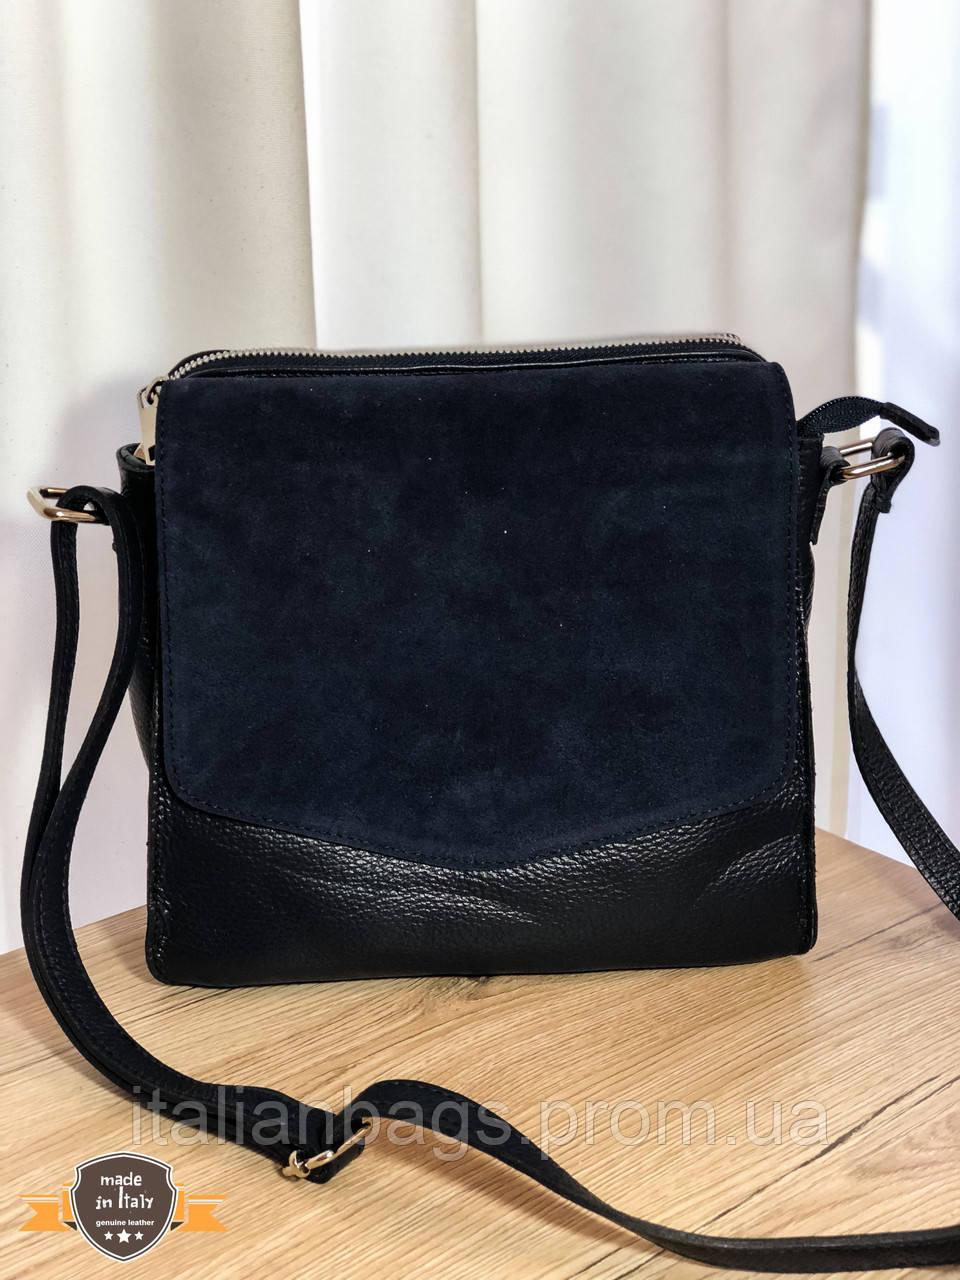 b1c9b6f824ba VERA PELLE Сумка женская из натуральной кожи, Италия - Интернет-магазин  кожаных сумок